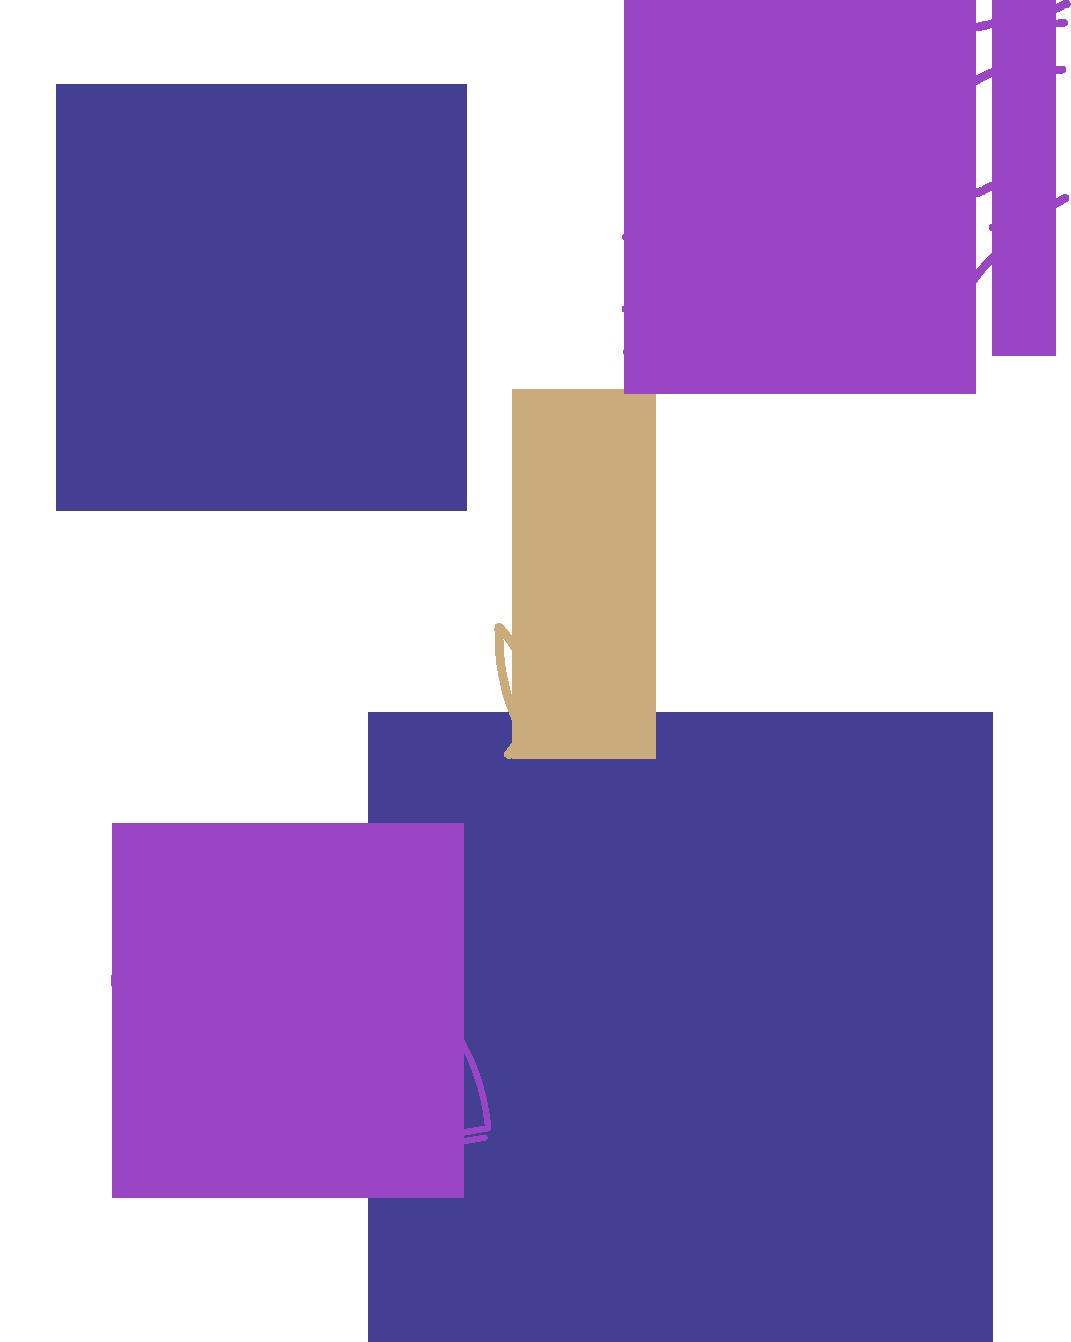 web - illustration.png